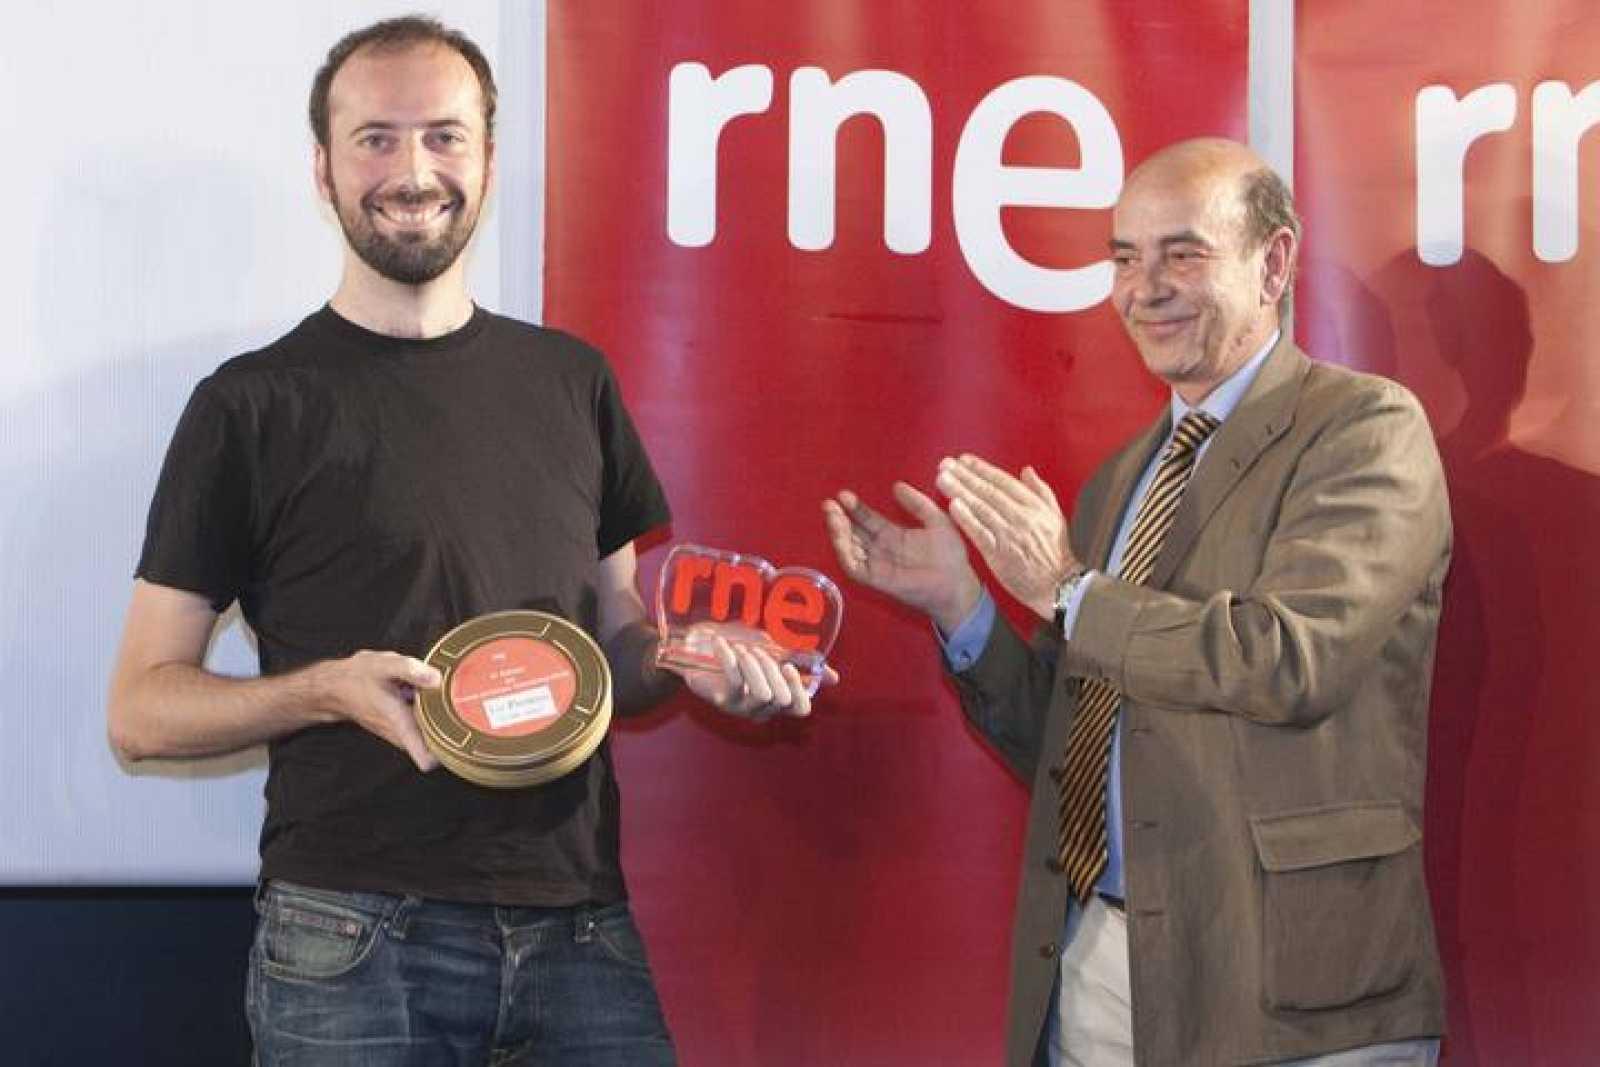 El director de RNE Alfonso Nasarre entrega el primer premio del VI Concurso de Cortos a Nacho Rodríguez por 'A lifestory'